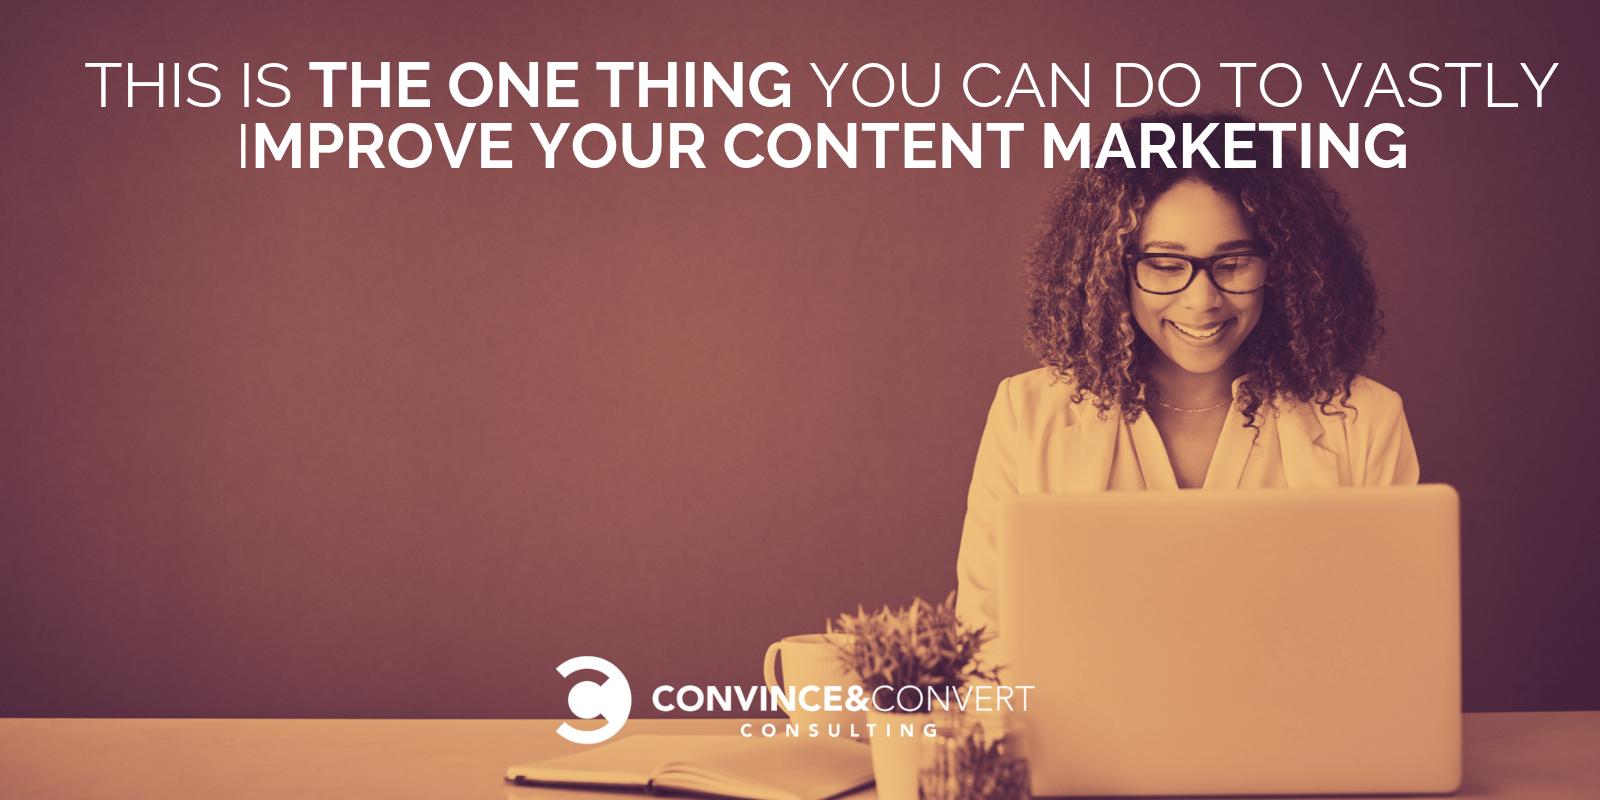 migliorare notevolmente il marketing dei contenuti